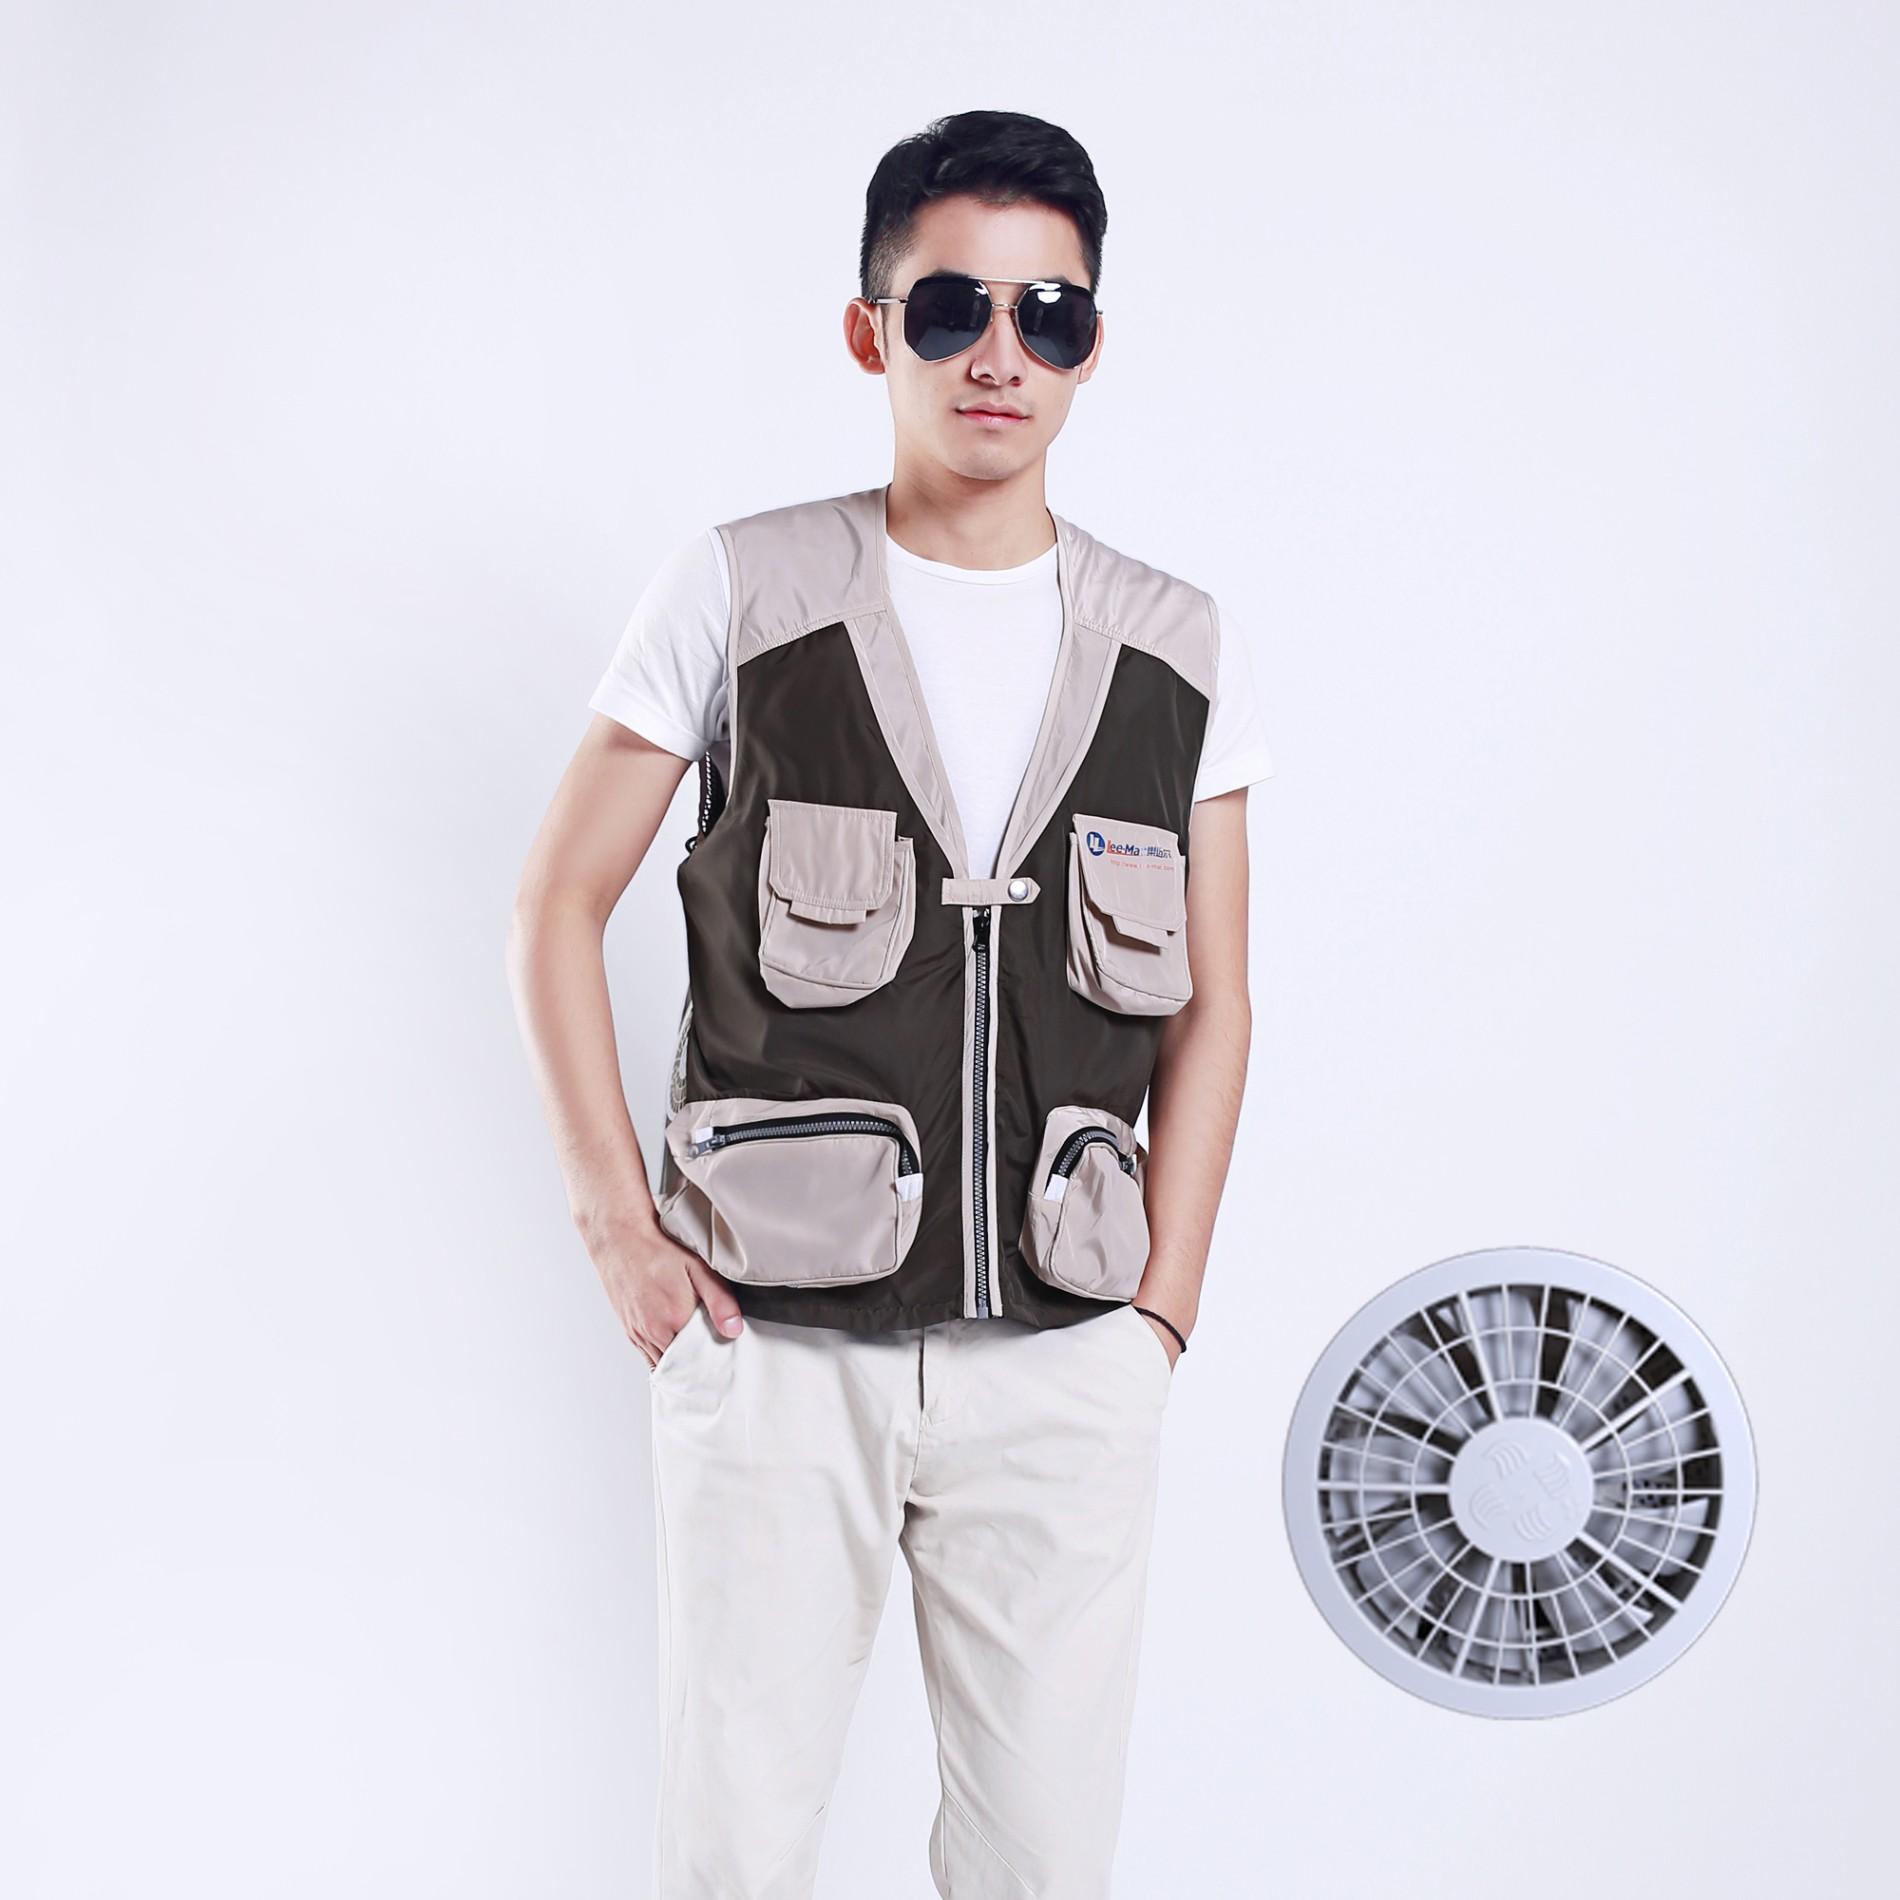 cooling jacket manufacturer Manufacturers, cooling jacket manufacturer Factory, Supply cooling jacket manufacturer